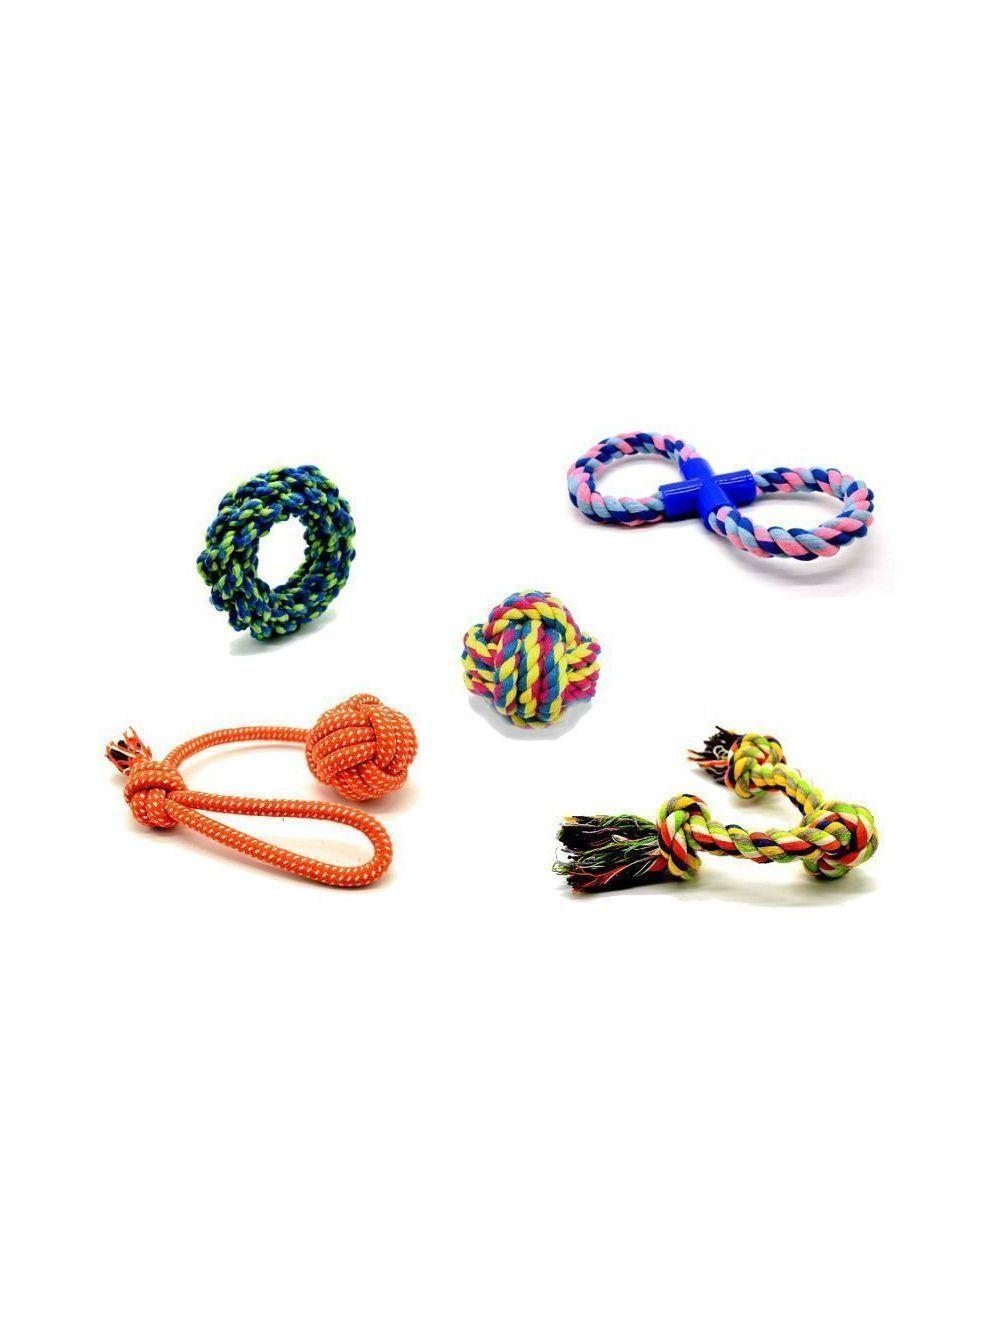 set 5 juguetes en cuerda - Ciudaddemascotas.com